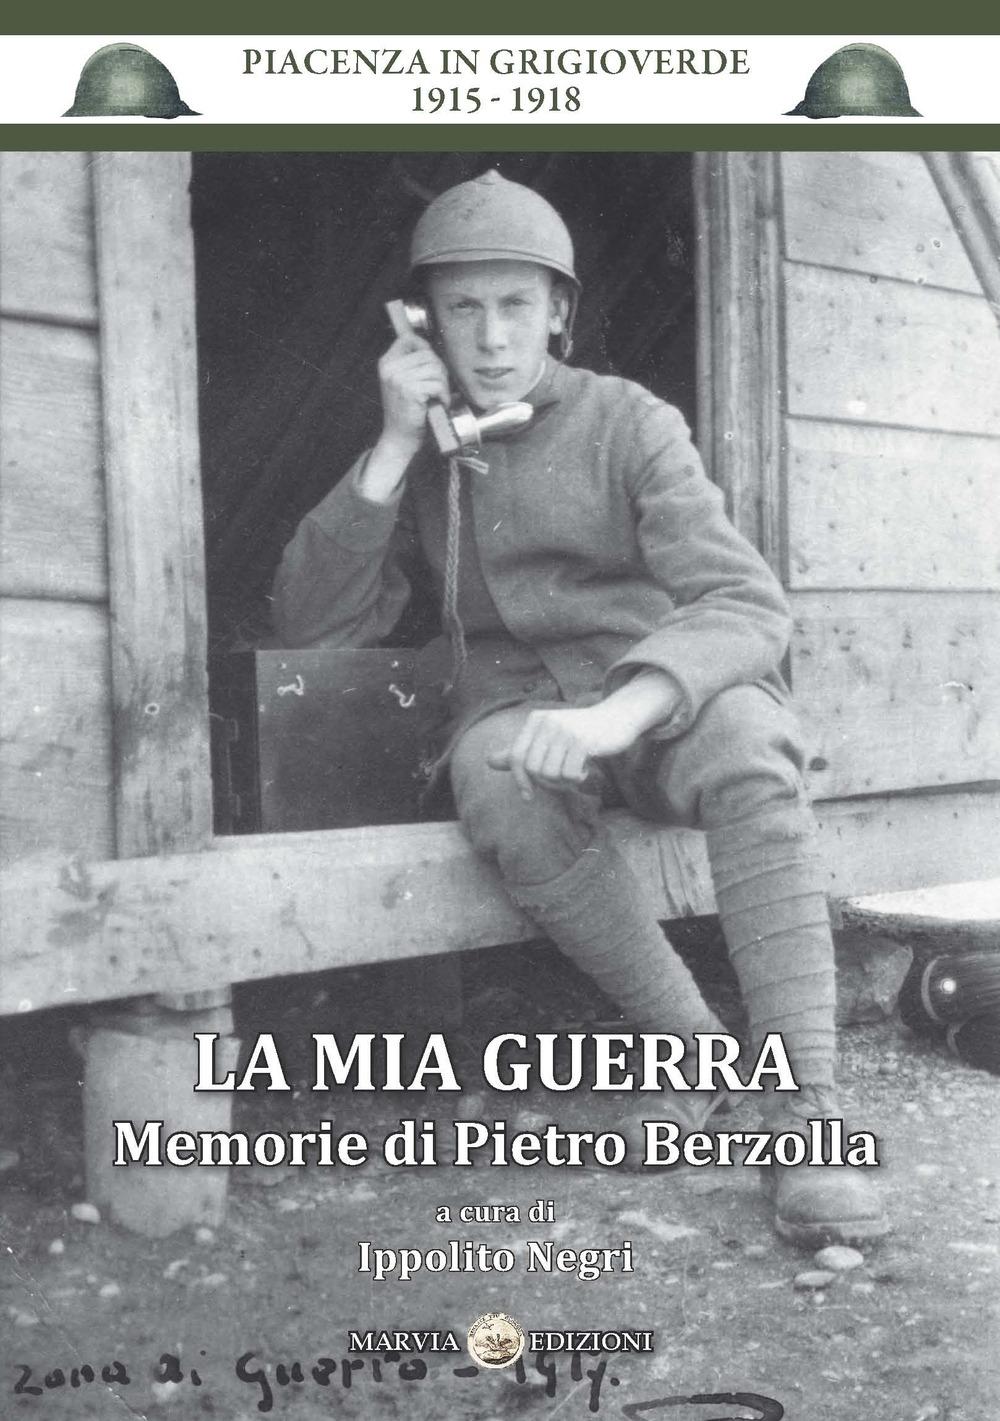 La mia guerra. Memorie di Pietro Berzolla